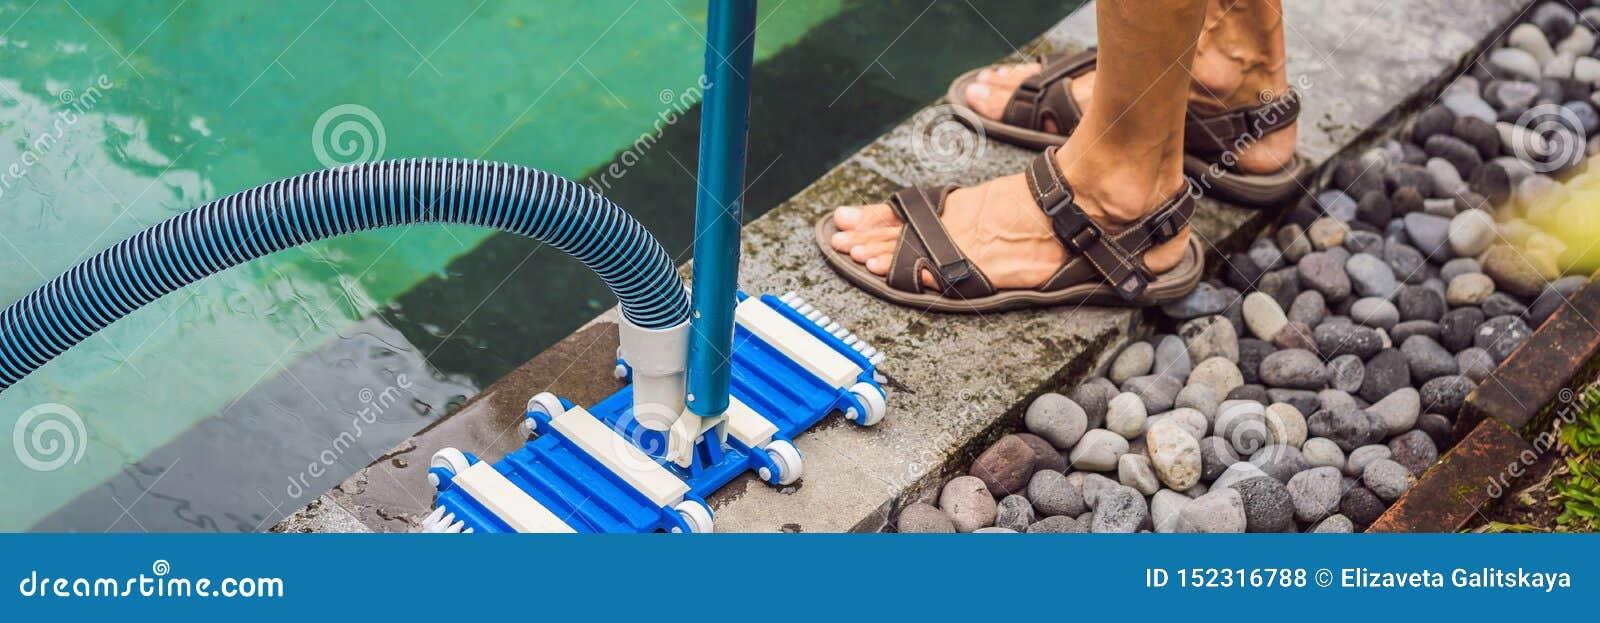 Poolvacuüm die flexibele slang op de poolbanner schoonmaken, LANG FORMAAT